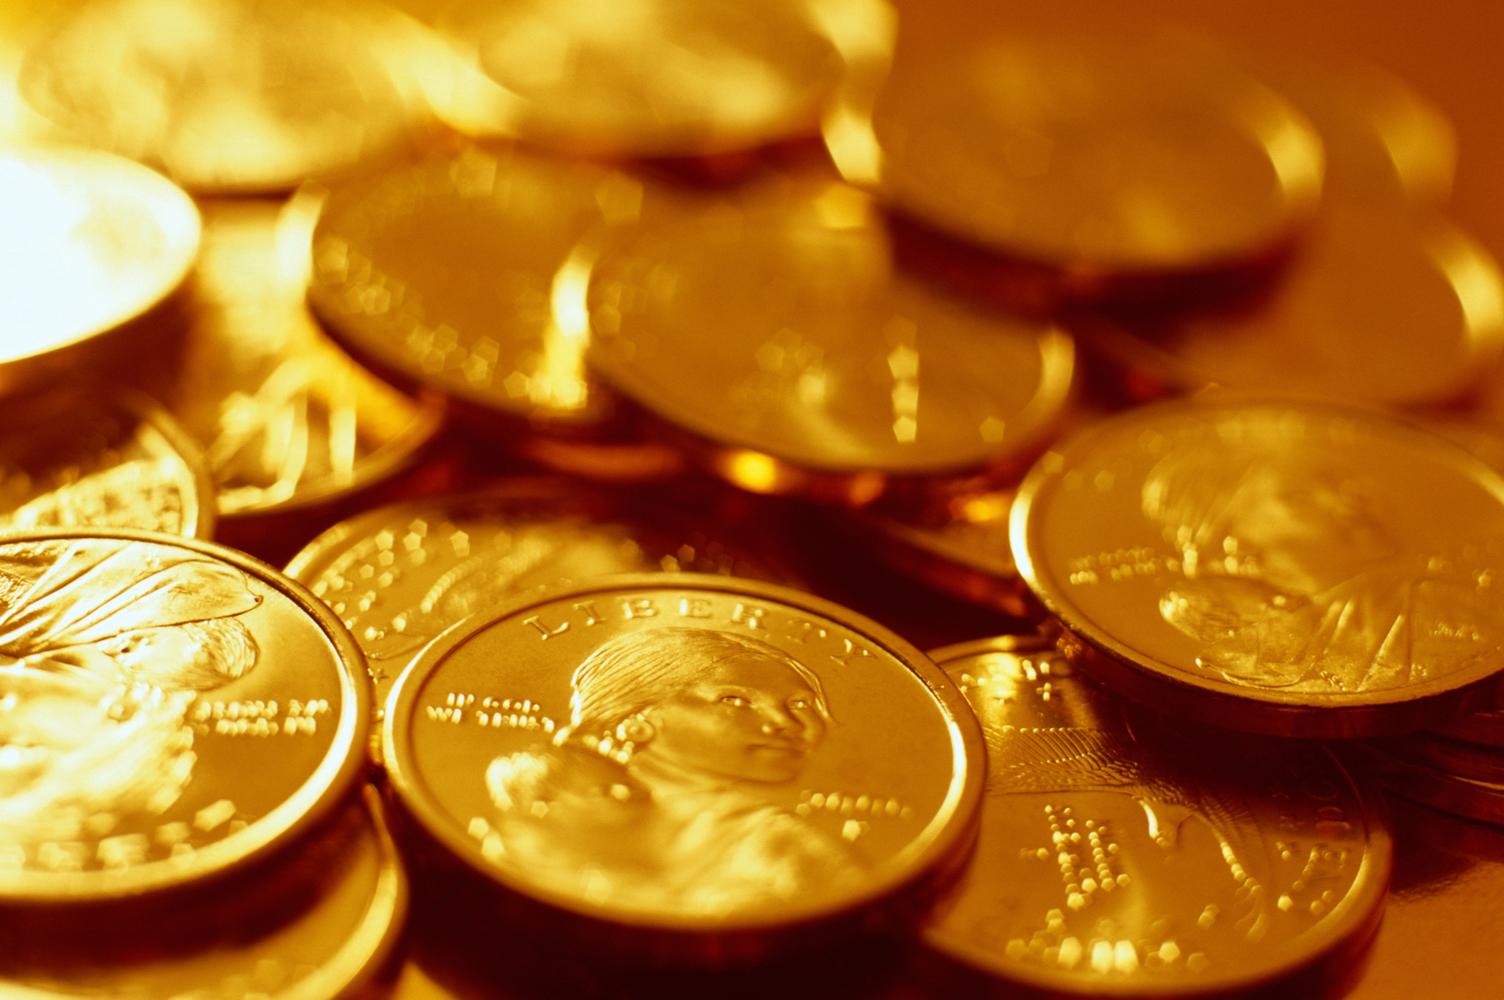 gold money, золотые монеты, скачать фото, обои для рабочего стола